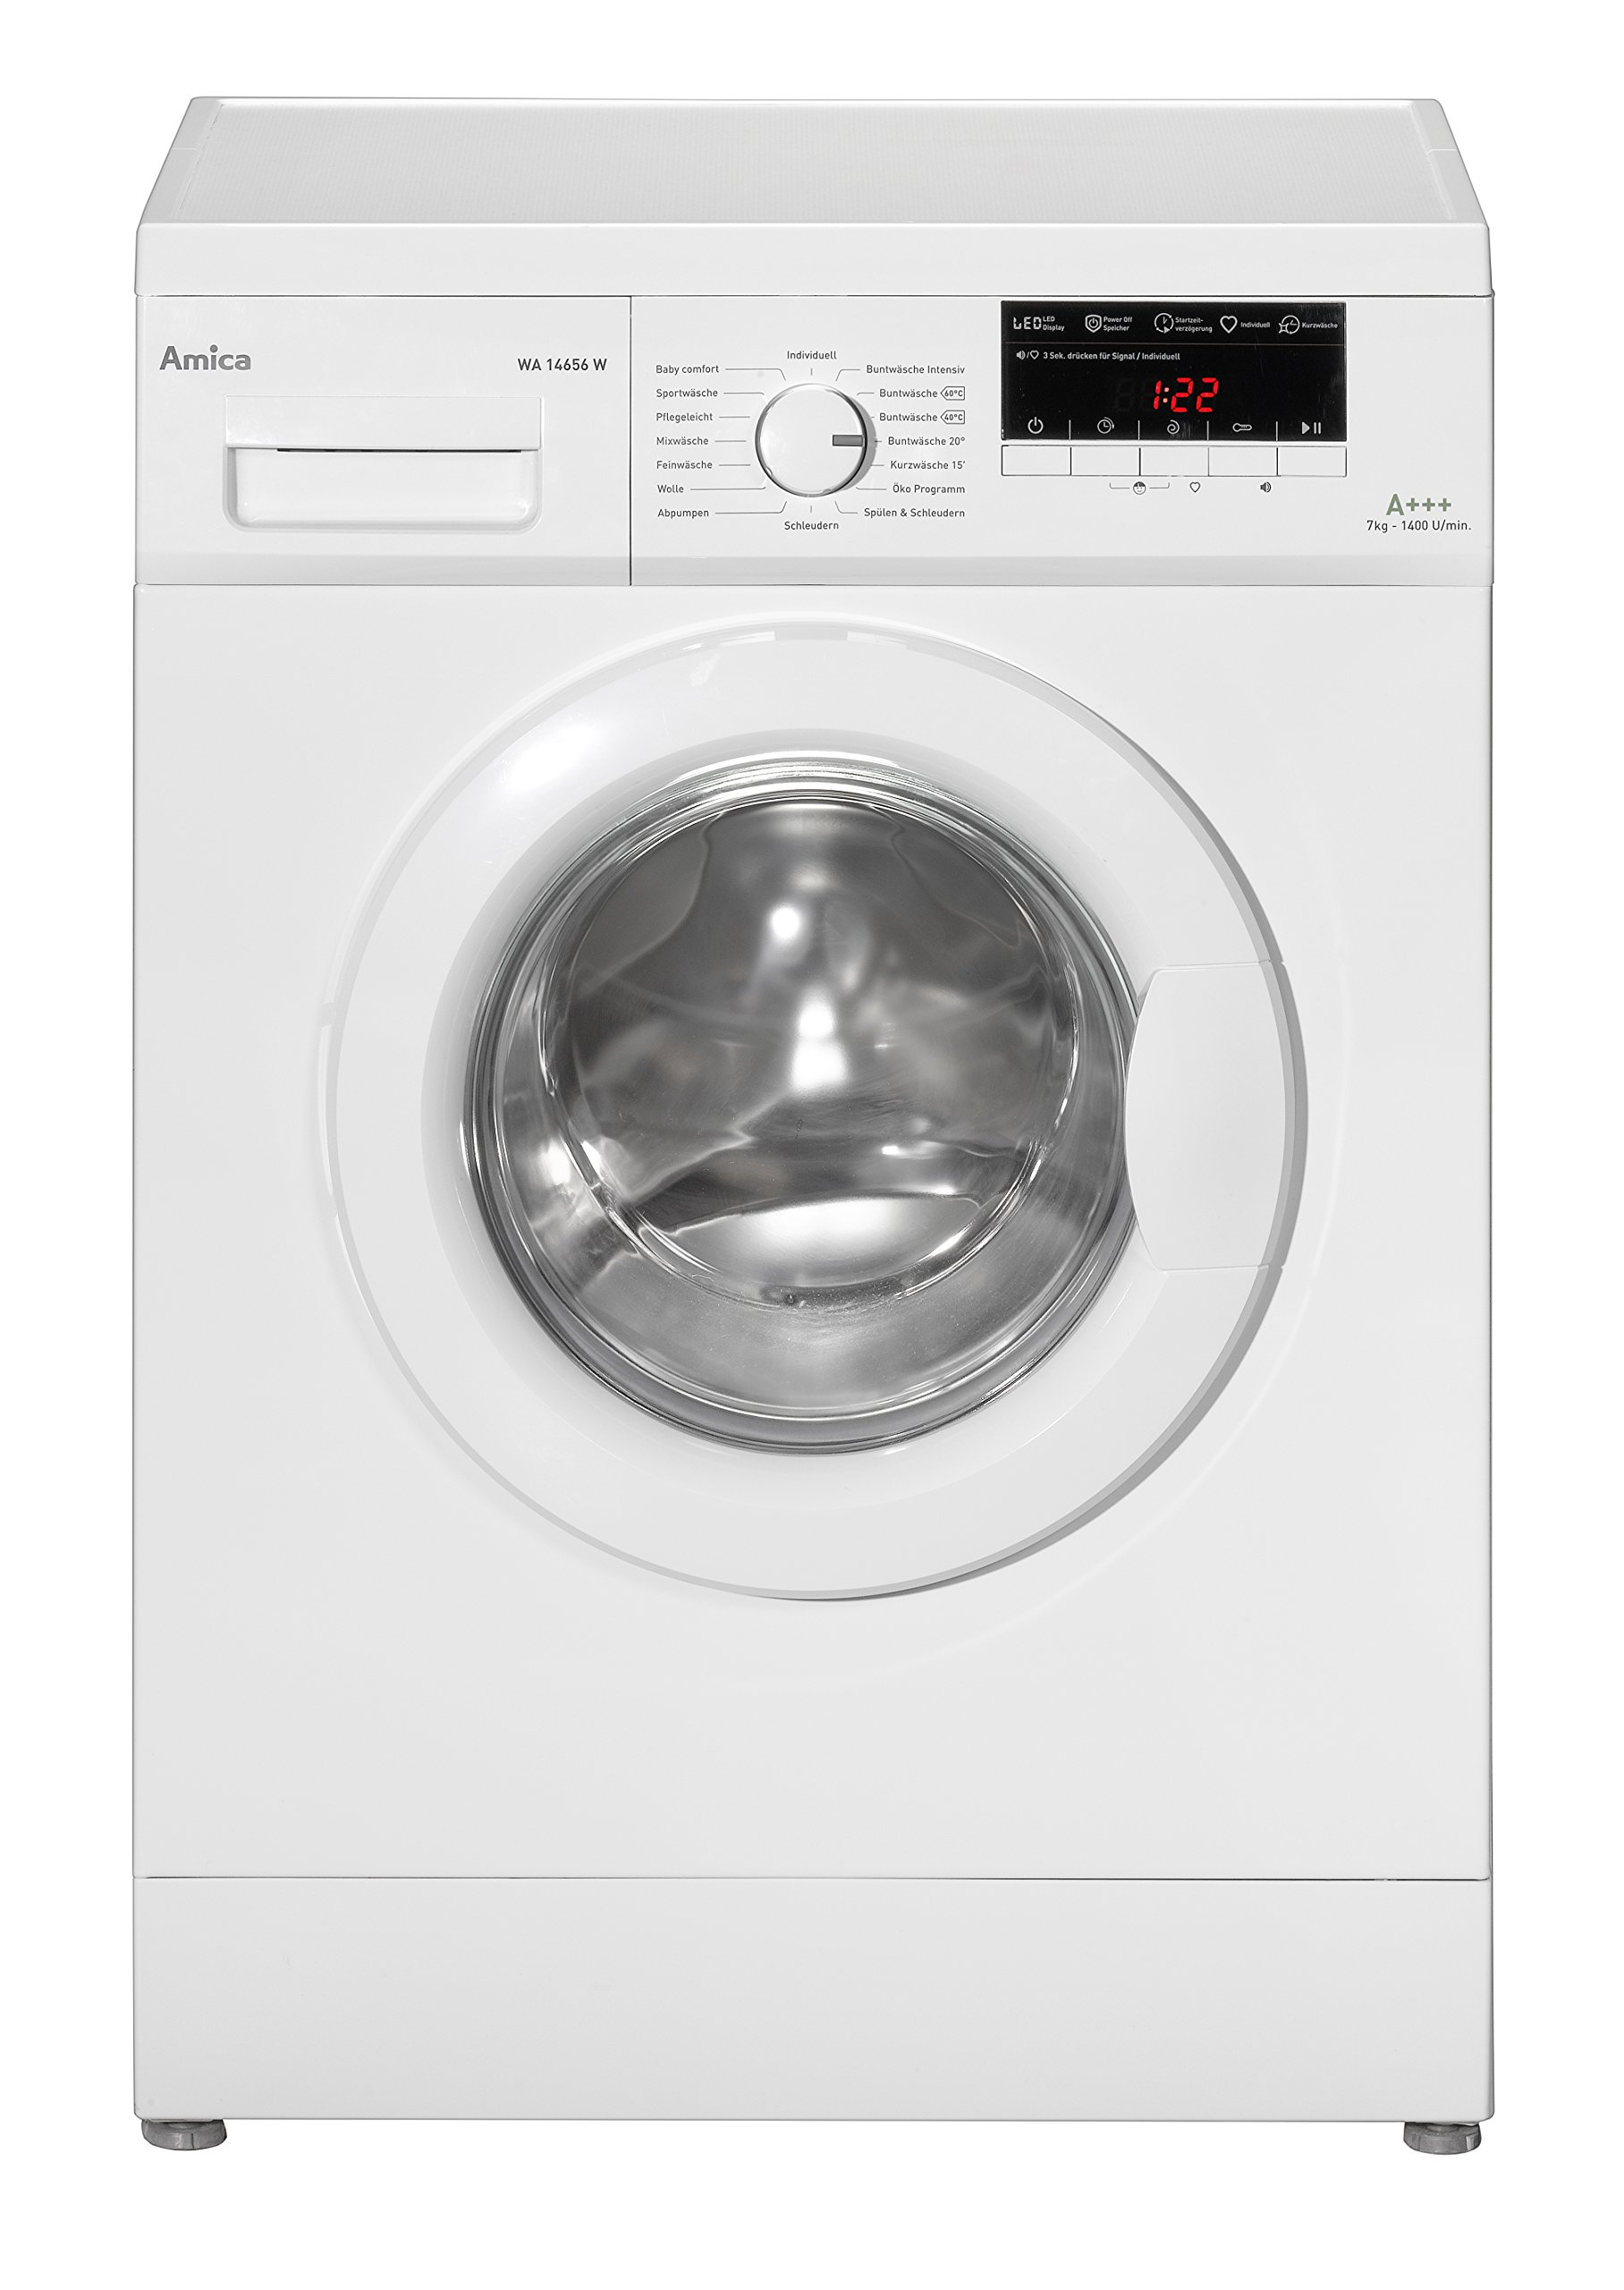 Amica-WA-14656-W-Waschmaschine-FL-A-175-kWh-Jahr-1400-UpM-7-kg-9240-L-Jahr-Elektronisch-mit-16-Haupt-Programmen-bersichtliches-LED-Display-3-Zusatzfunktionen-Temperaturwahl-Drehzahlregulierung-Startze